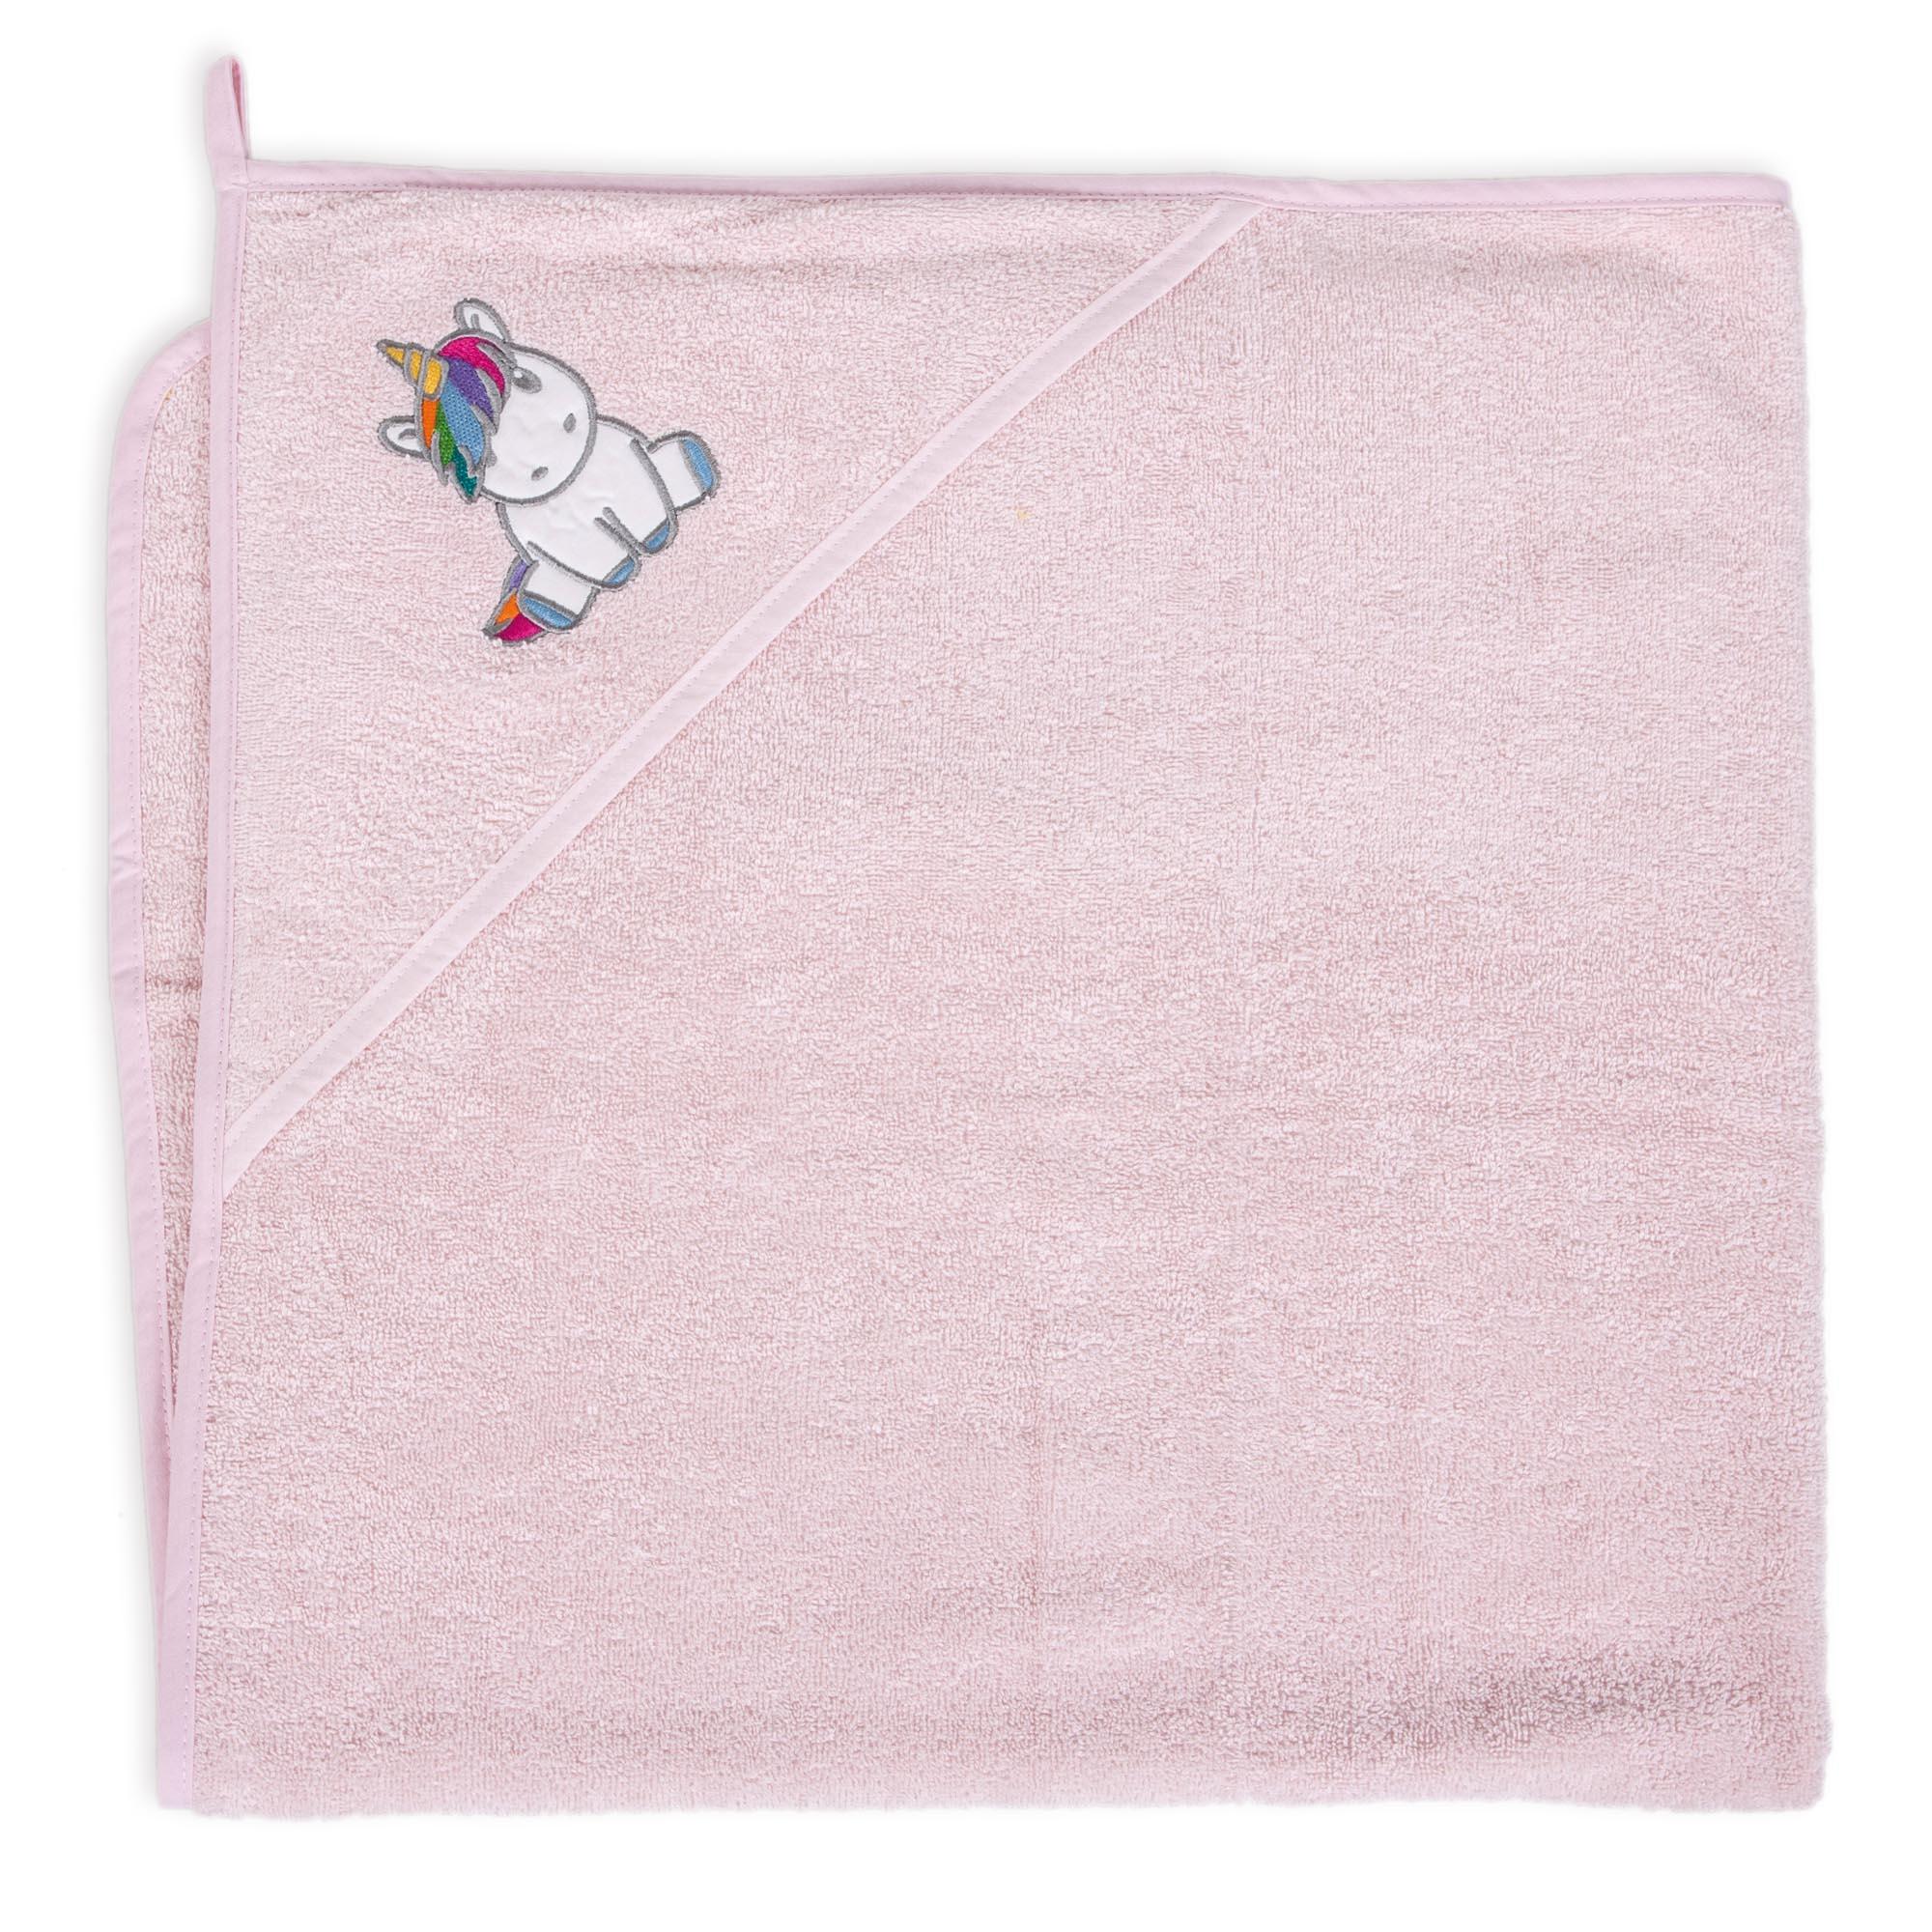 Ceba Baby osuška s kapucí 100x100 Unicorn pink W-815-302-579